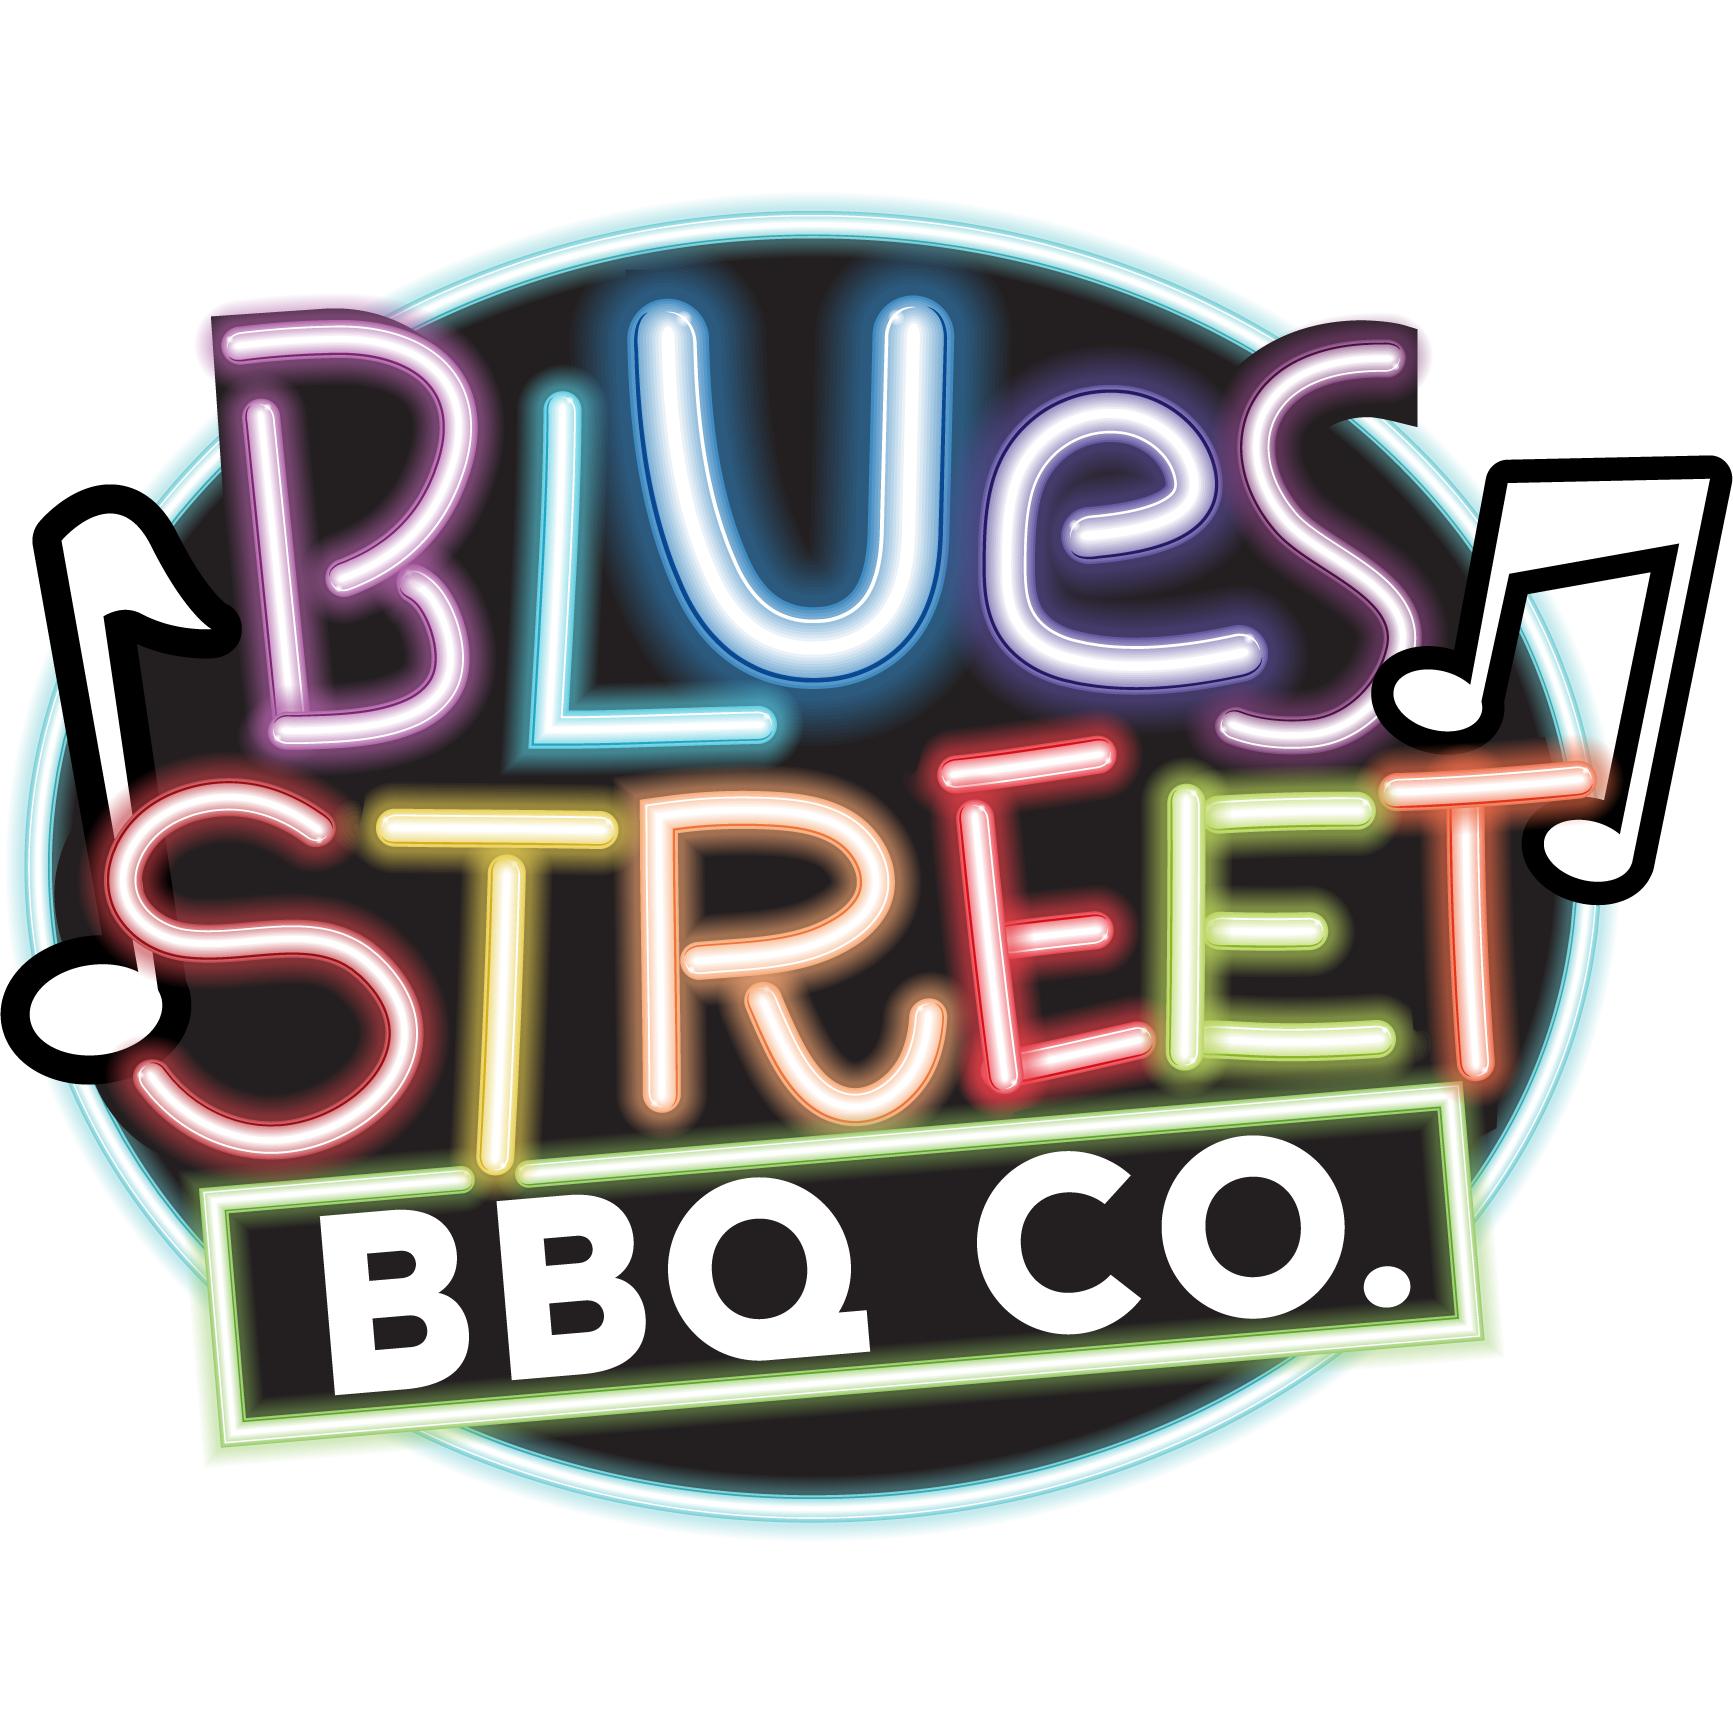 Blues Street BBQ Co.